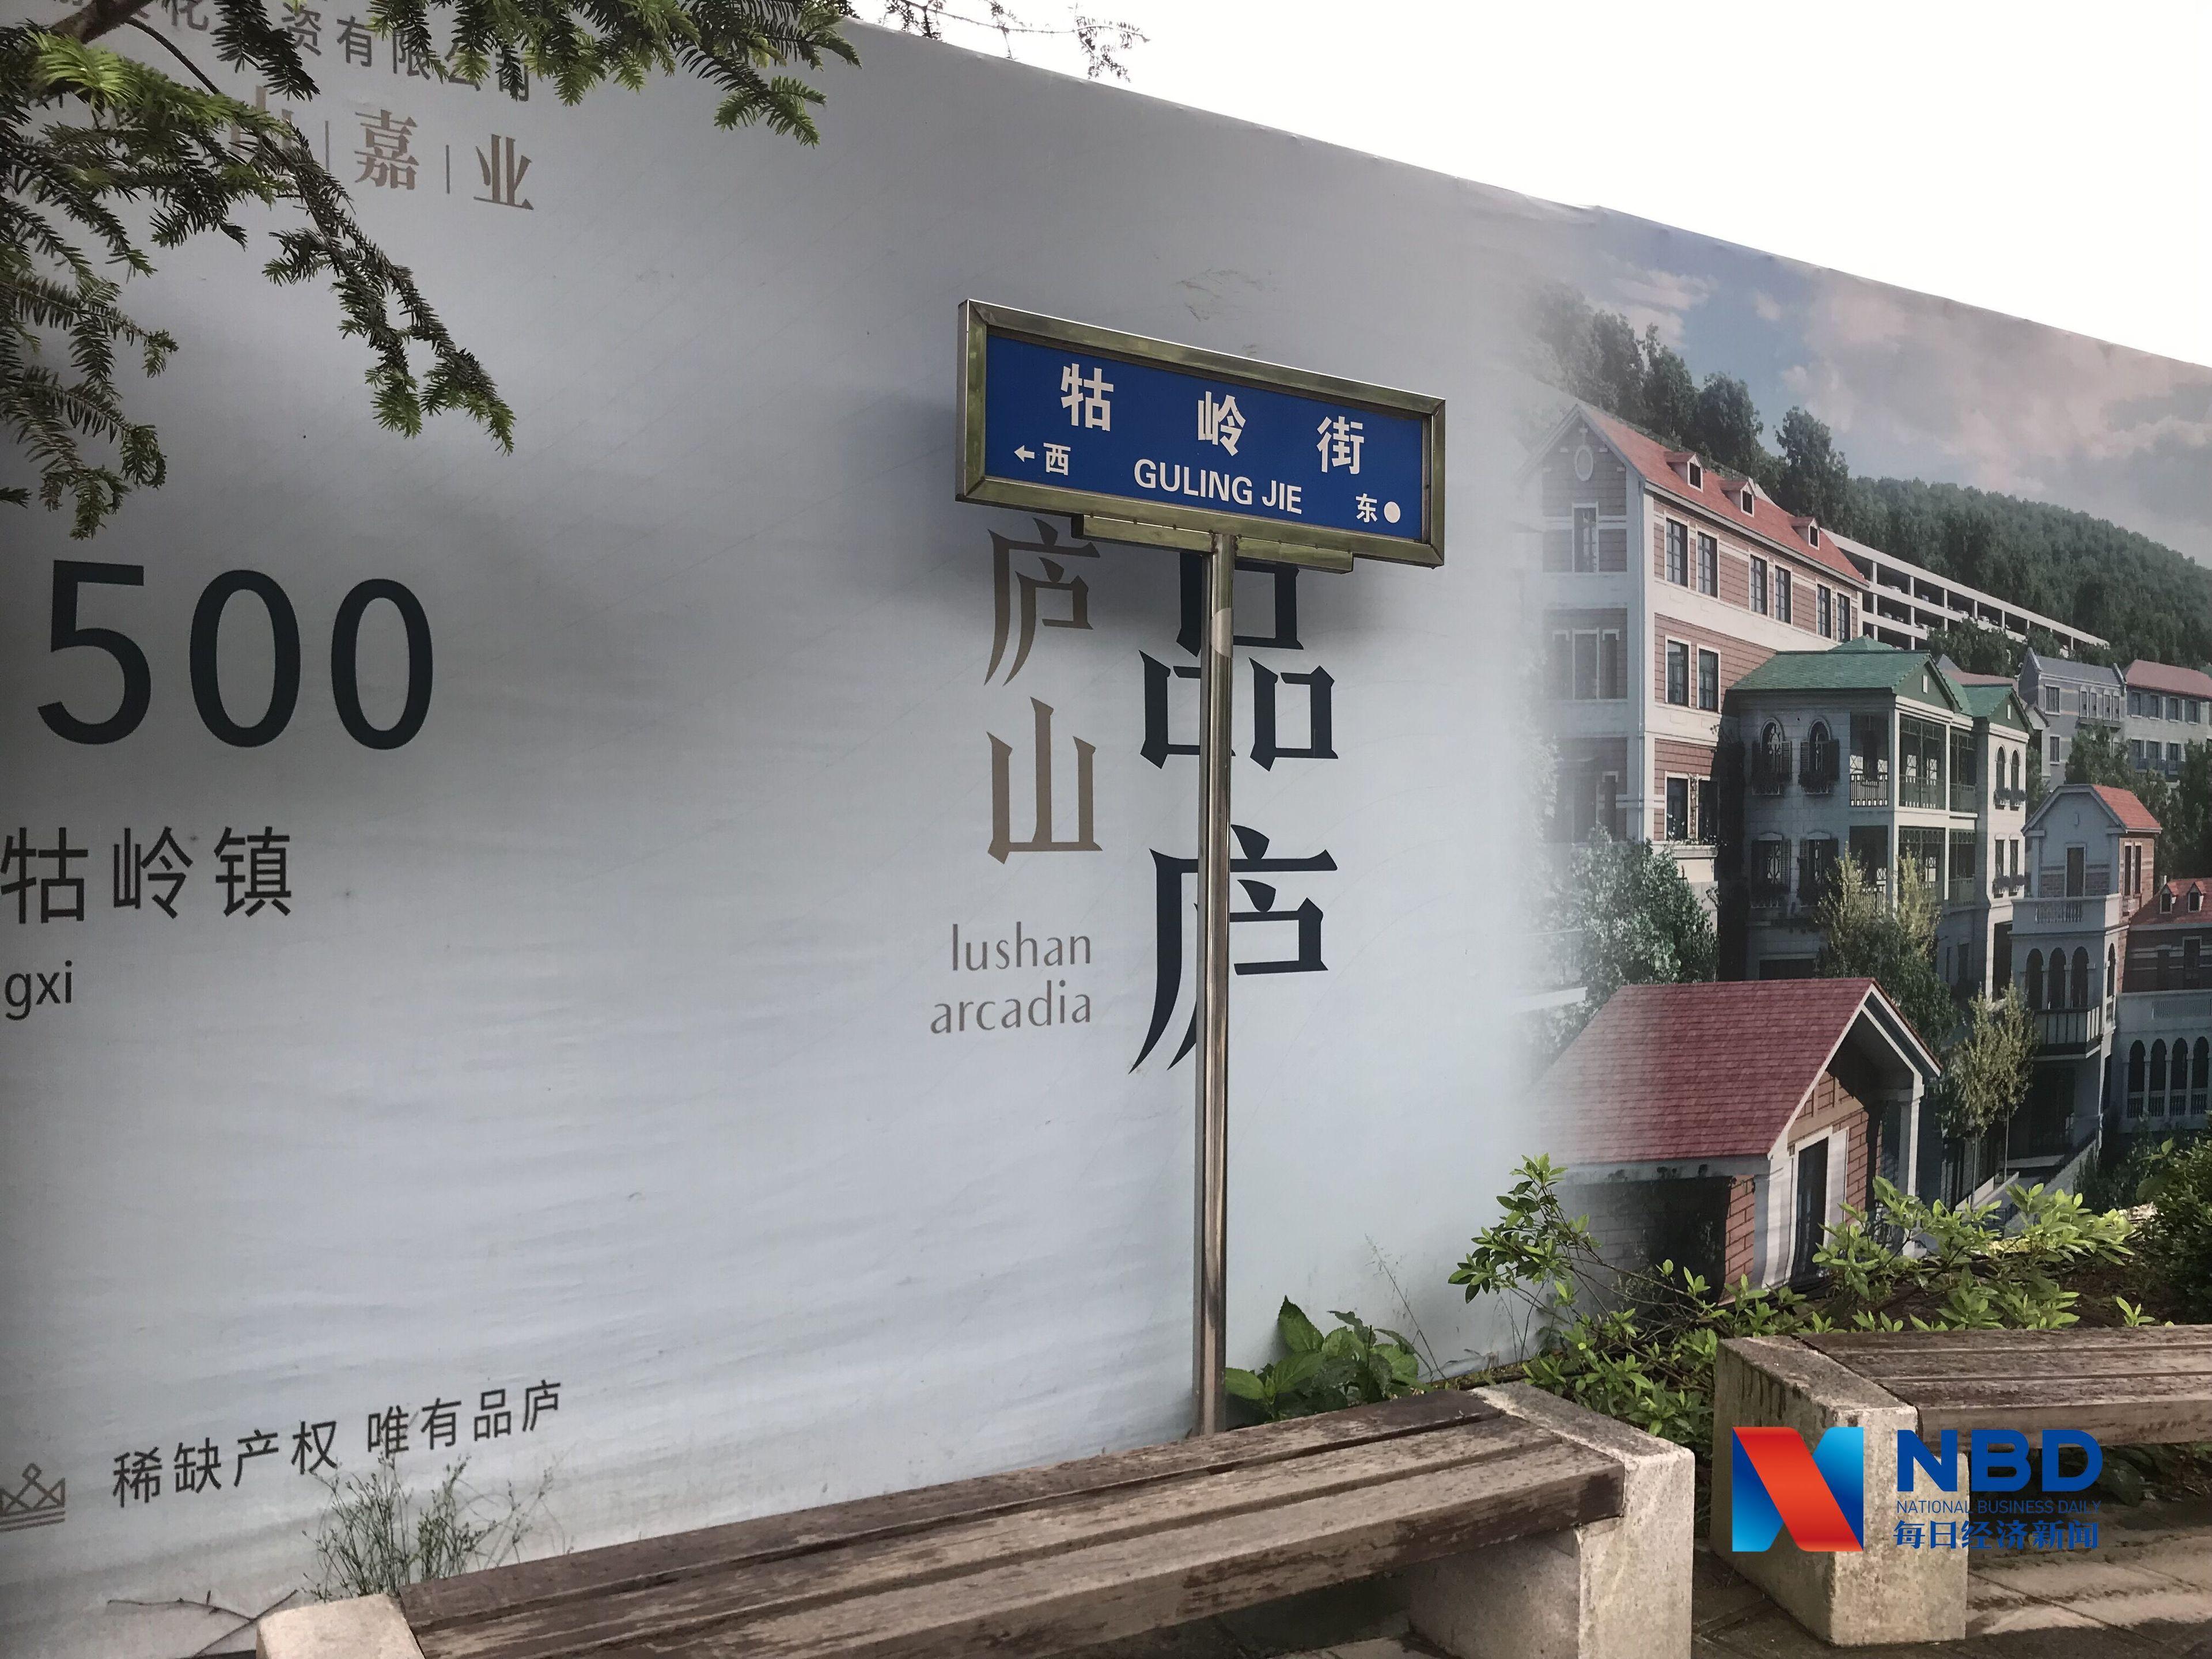 重磅丨庐山再现产权式公寓销售  管理局称未经许可   _中欧新闻_欧洲中文网